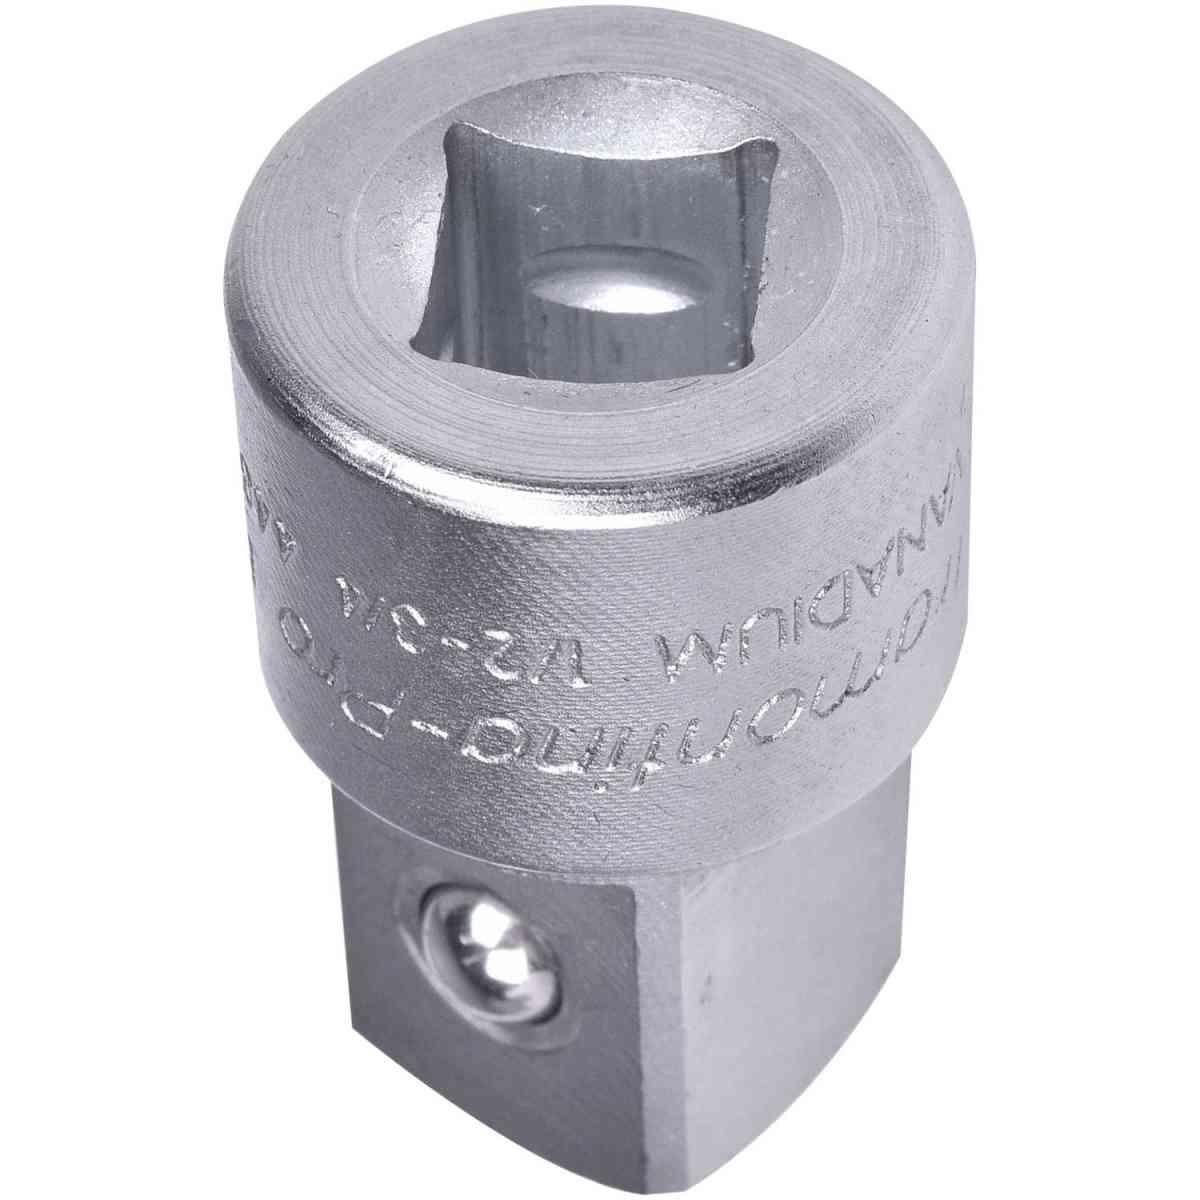 """Adaptador em Aço Cromo Vanádio - Encaixe 1/2"""" F x 3/4"""" M Tramontina 44848102"""